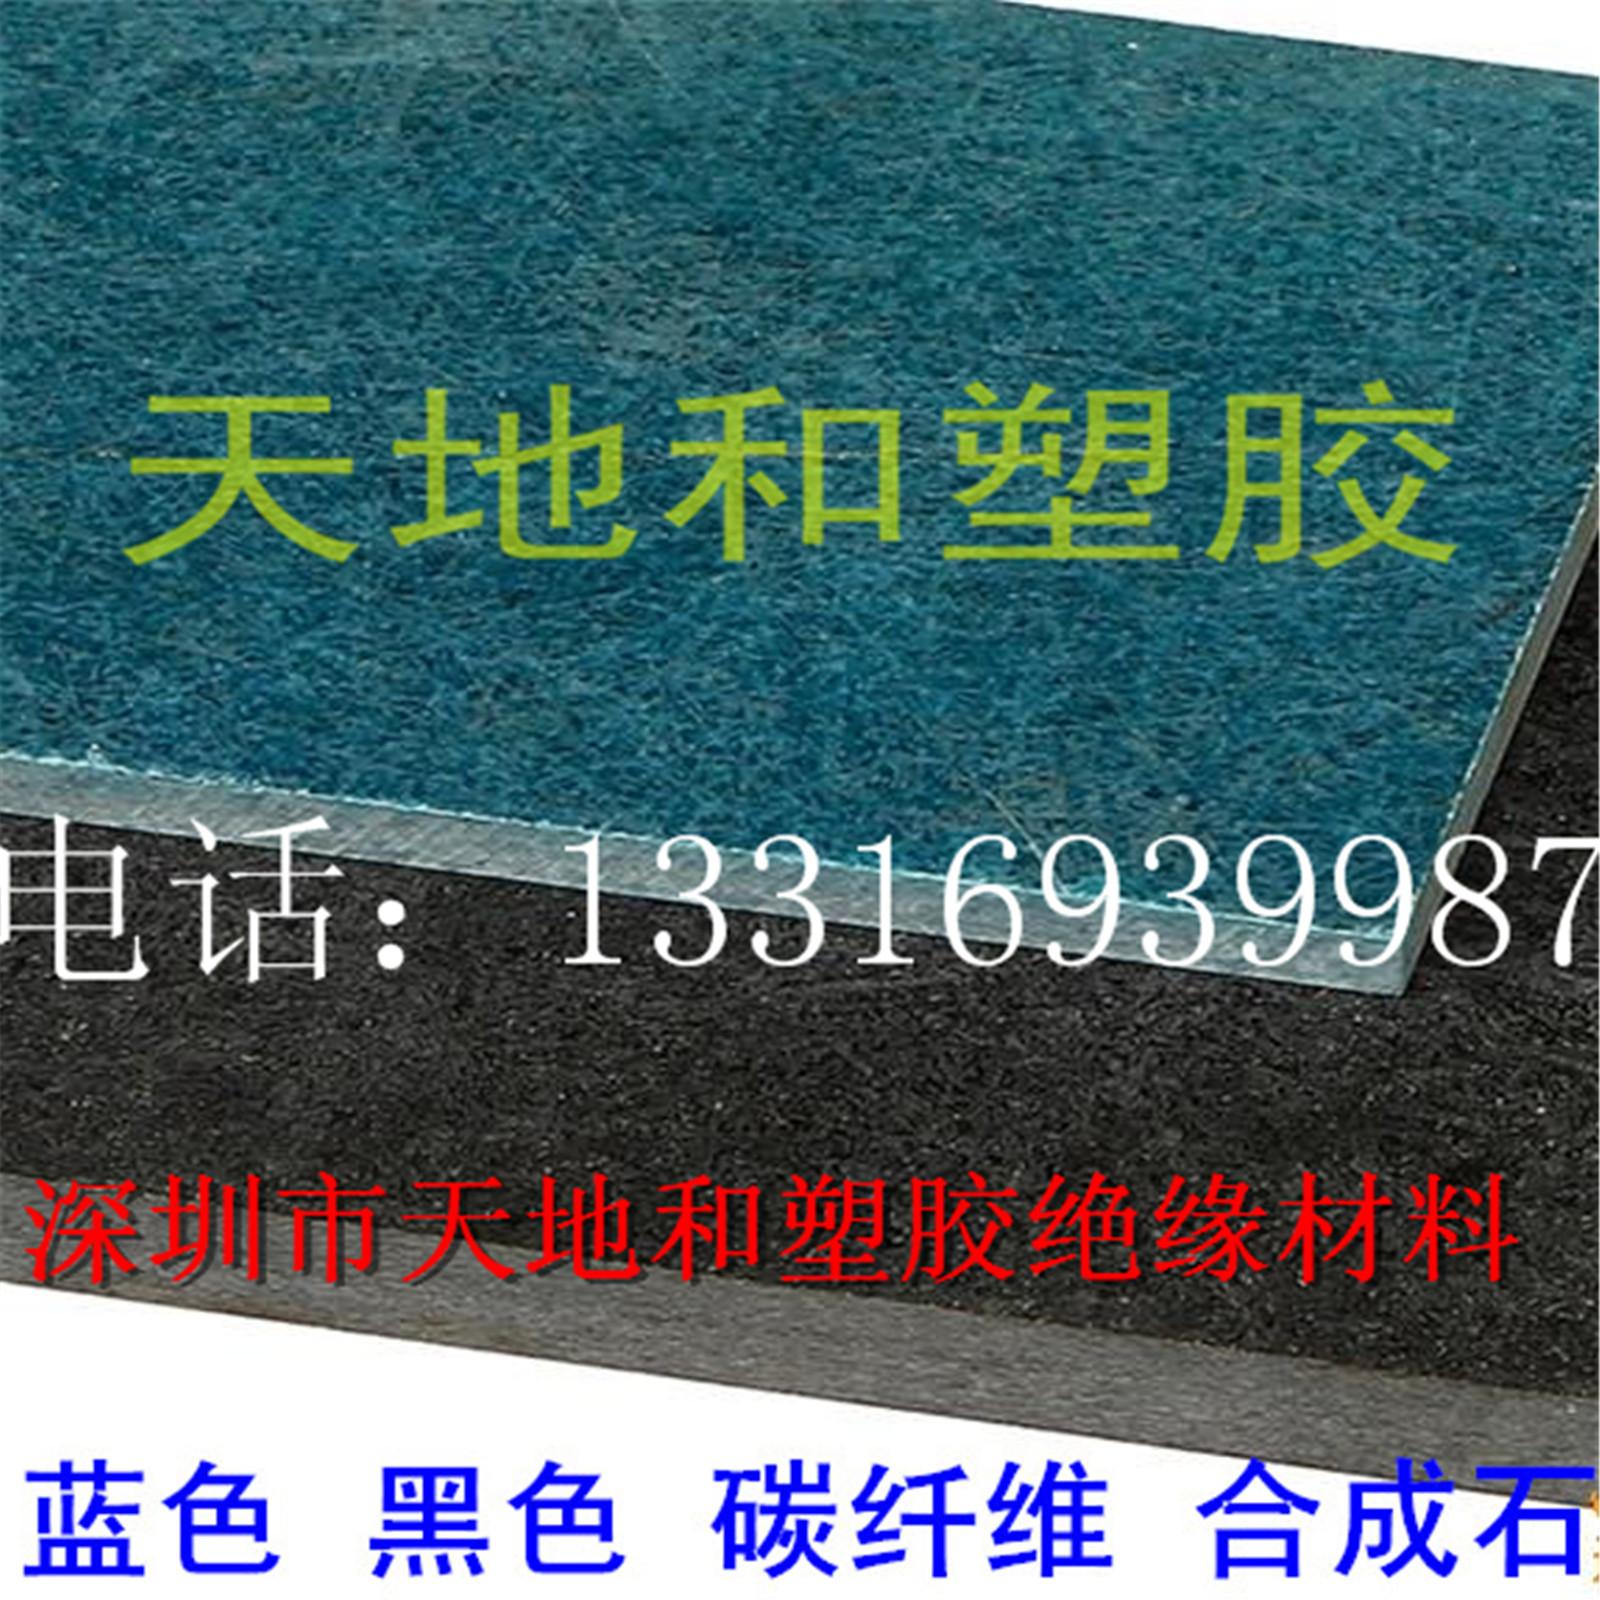 - Schwarz - Grau - Blau kohlefaser - Platte aus Stein Hochtemperatur - Schimmel - isolierung wärmedämmung Paletten.